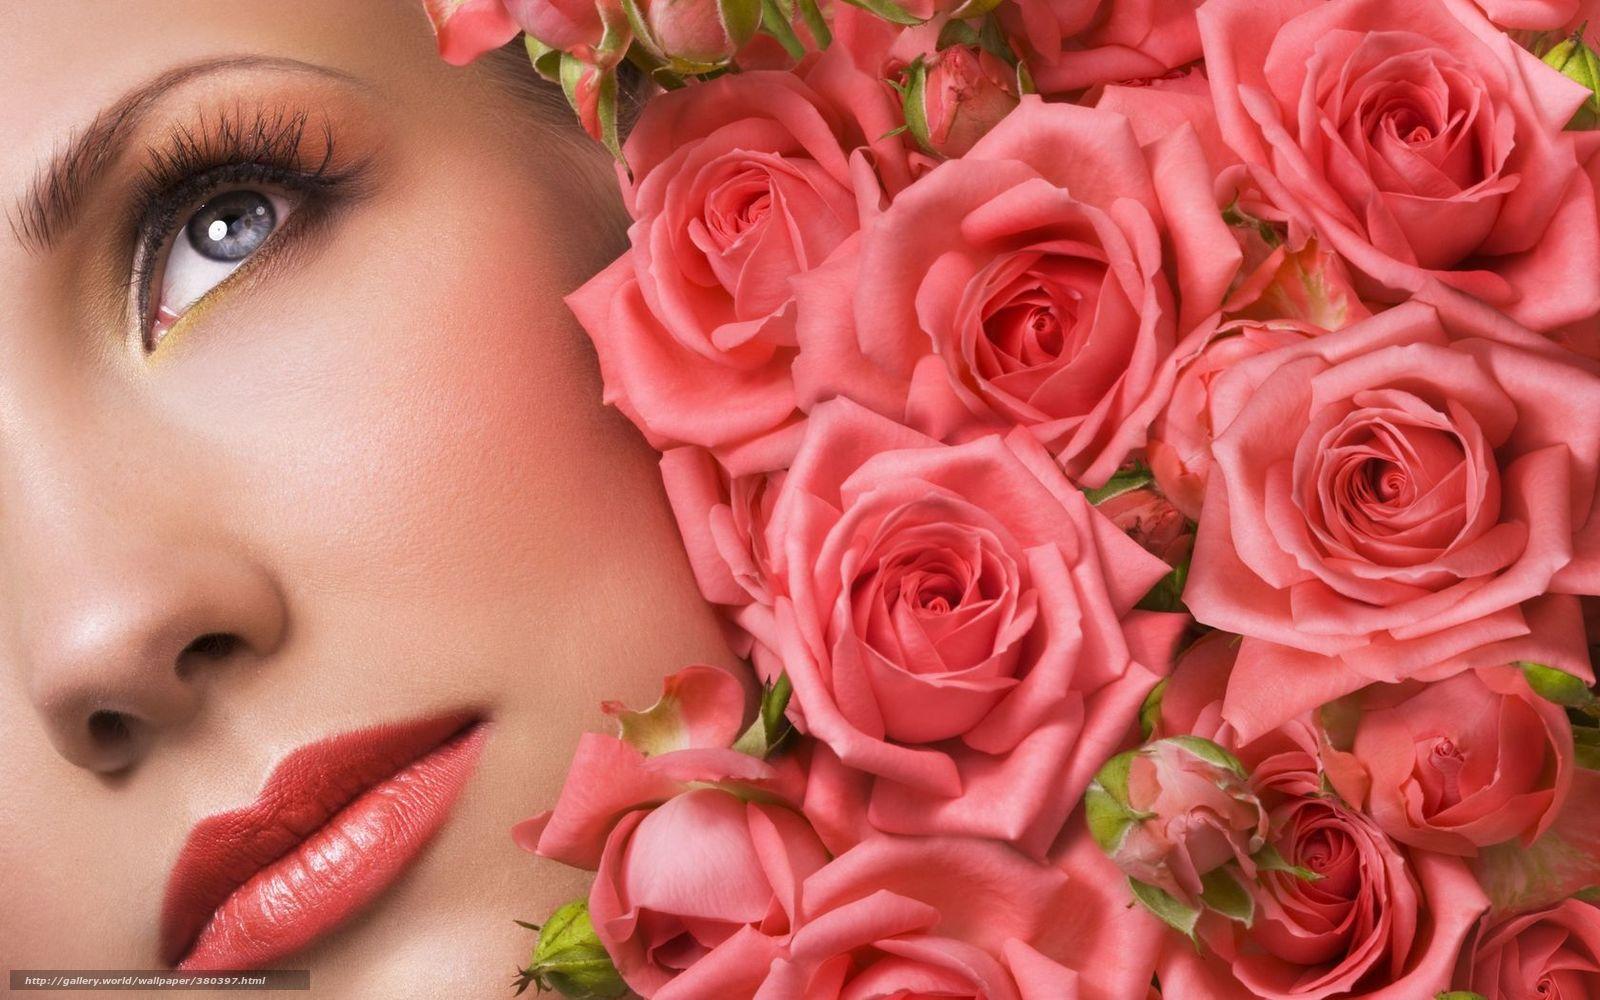 Скачать обои розы,  бутоны,  лицо,  макияж бесплатно для рабочего стола в разрешении 1680x1050 — картинка №380397